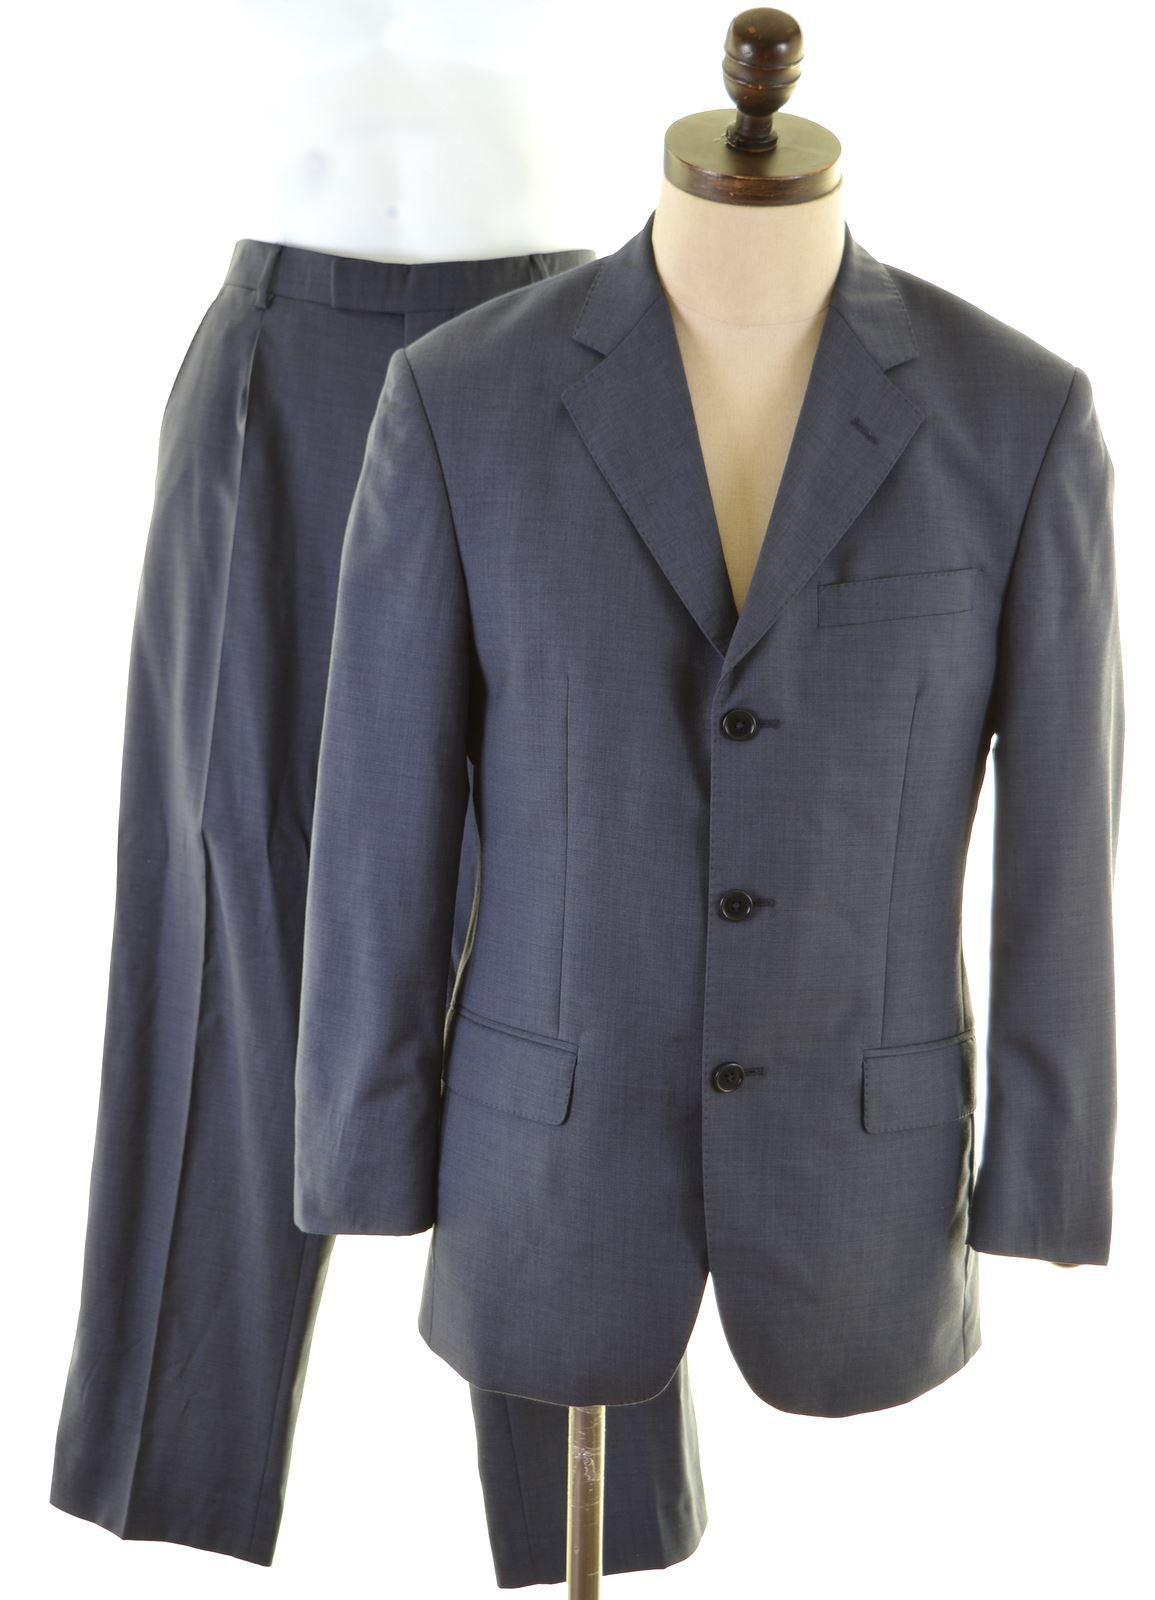 JAEGER Mens 2 Piece Suit Größe 40 Medium W30 L29 Blau  R106    | Praktisch Und Wirtschaftlich  | Haltbar  | Nutzen Sie Materialien voll aus